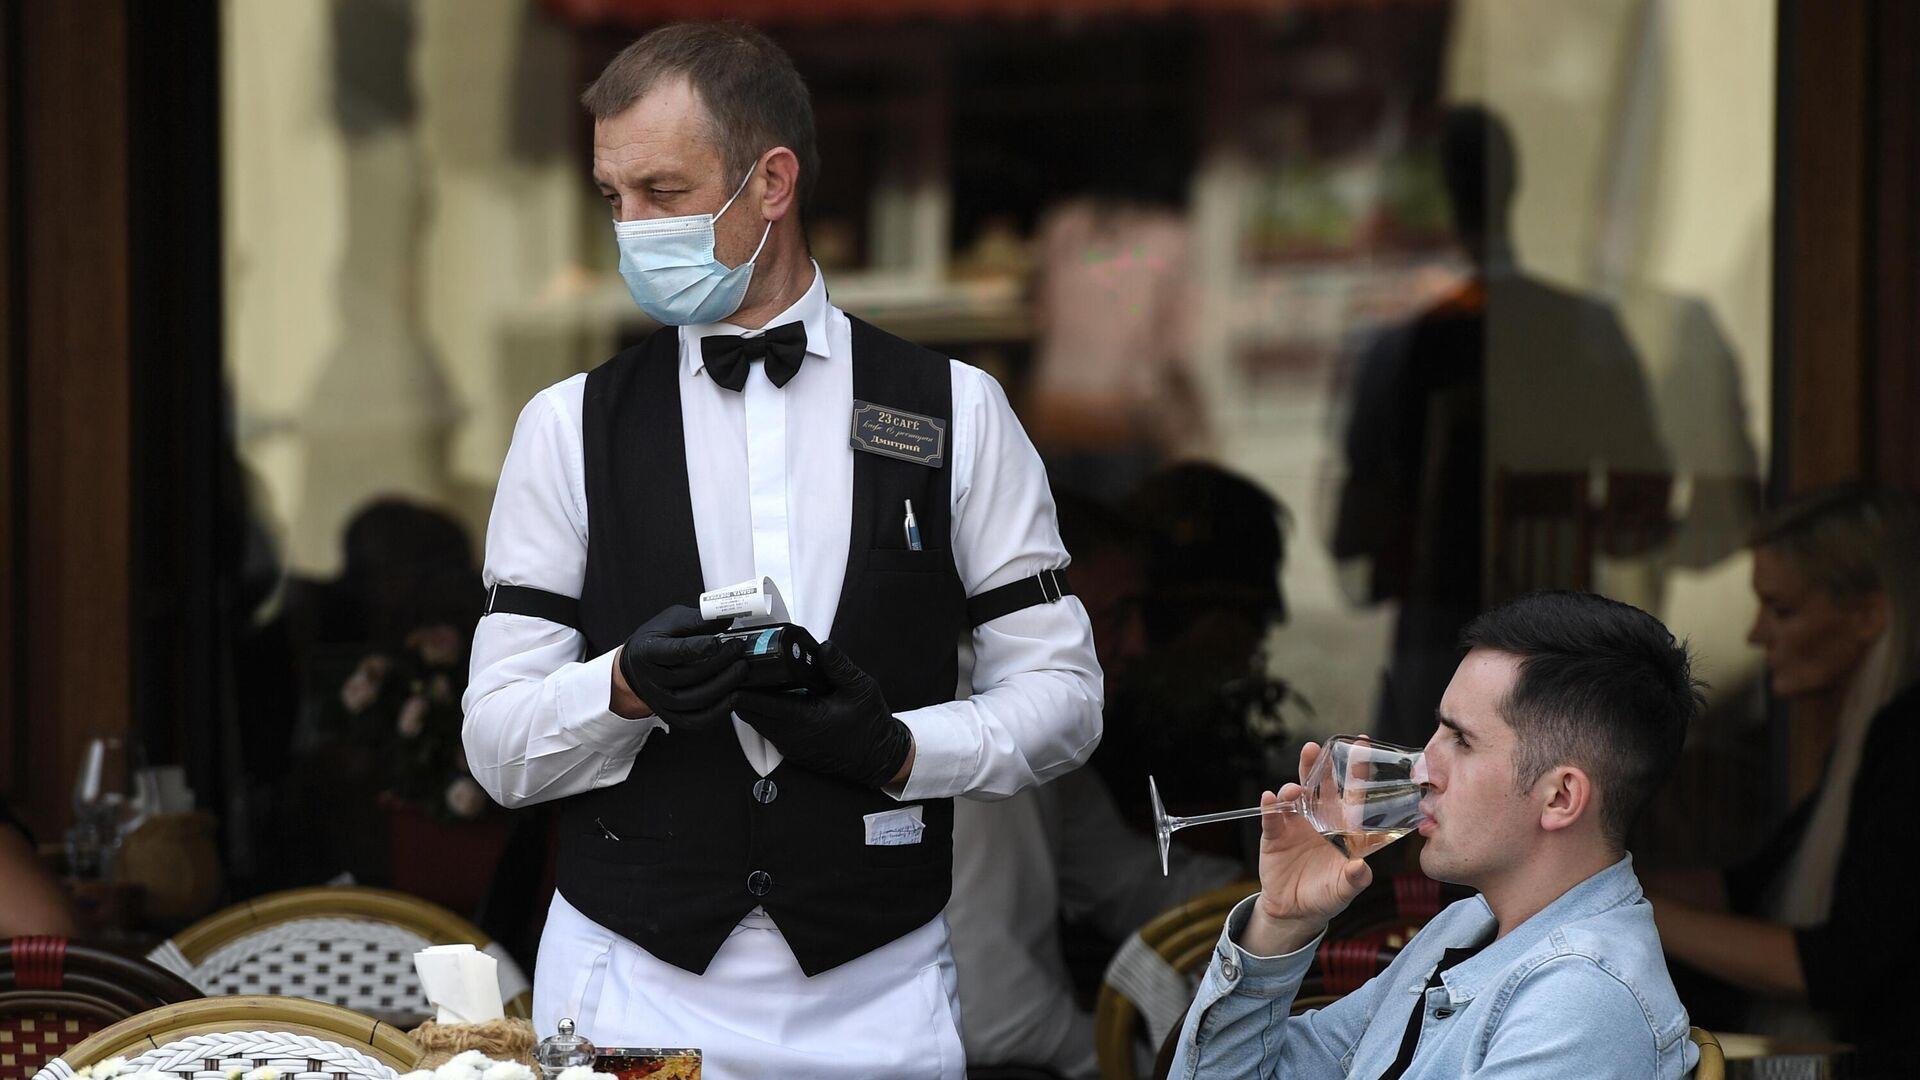 Официант и посетитель в кафе  - РИА Новости, 1920, 01.04.2021